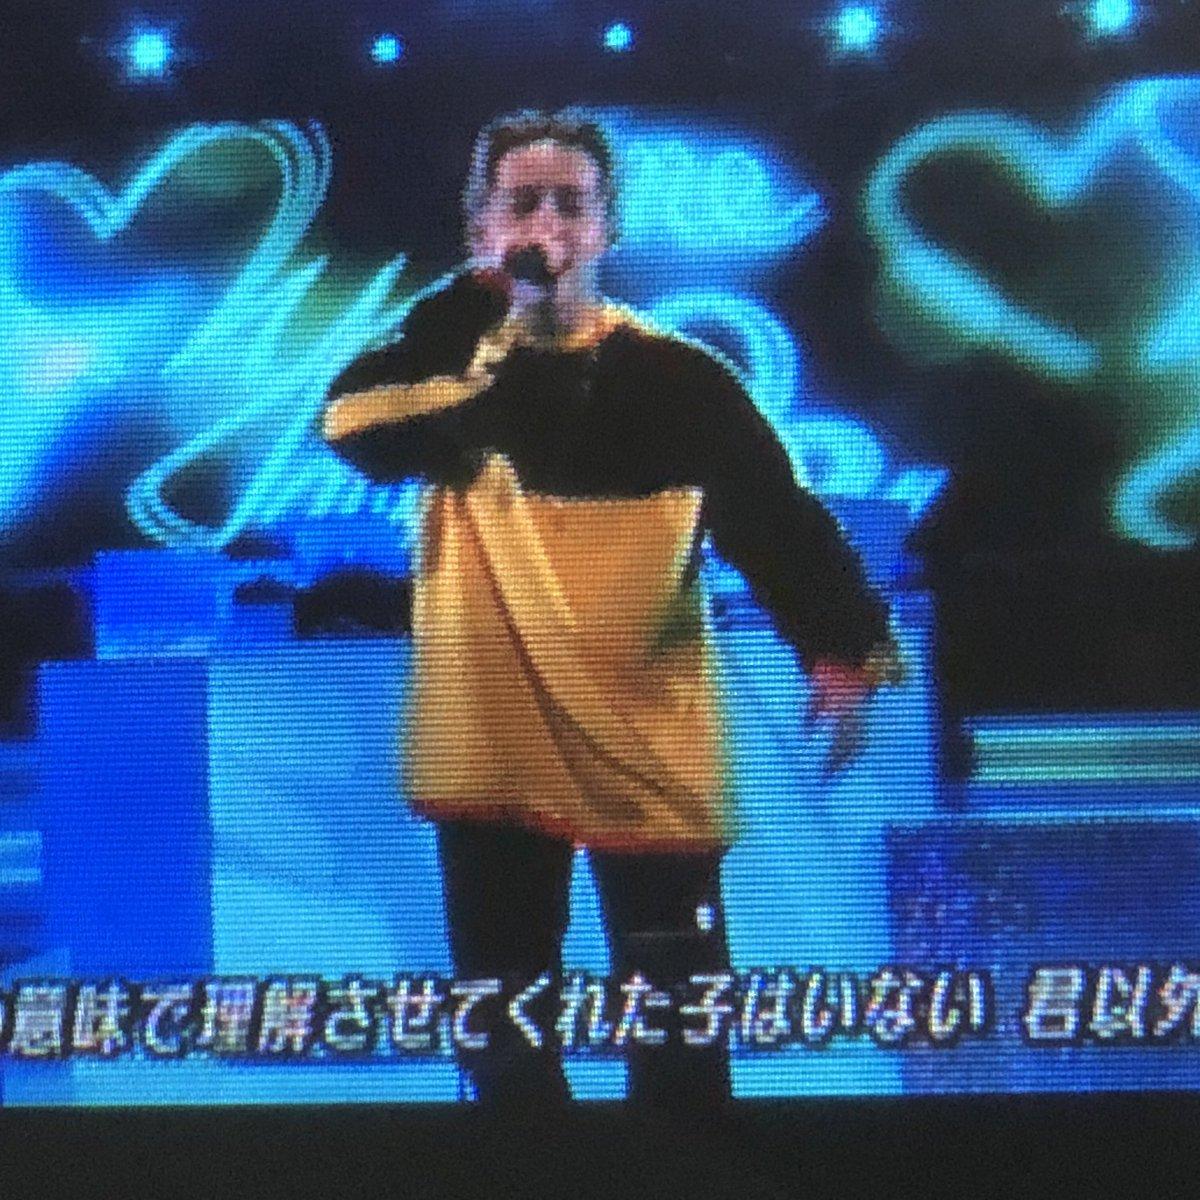 tweet  Mステに出演した清水翔太に「りゅうちぇる」の生き別れの双子説が浮上 Mステ , NAVER まとめ